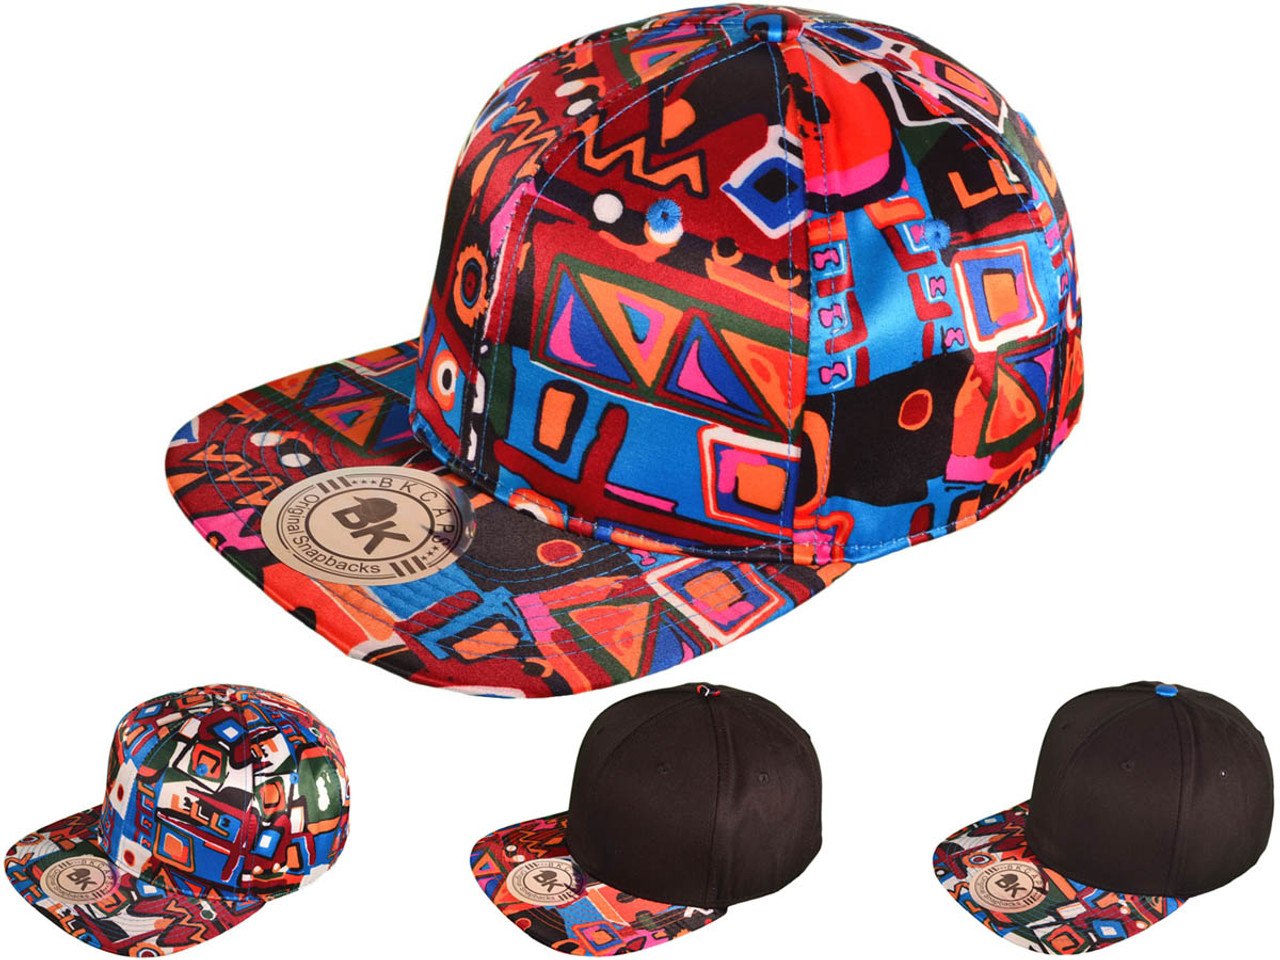 BK Caps Aztec Flat Bill 2 Tone Snapback Hats (Black Black Aztec) 994f8416e68